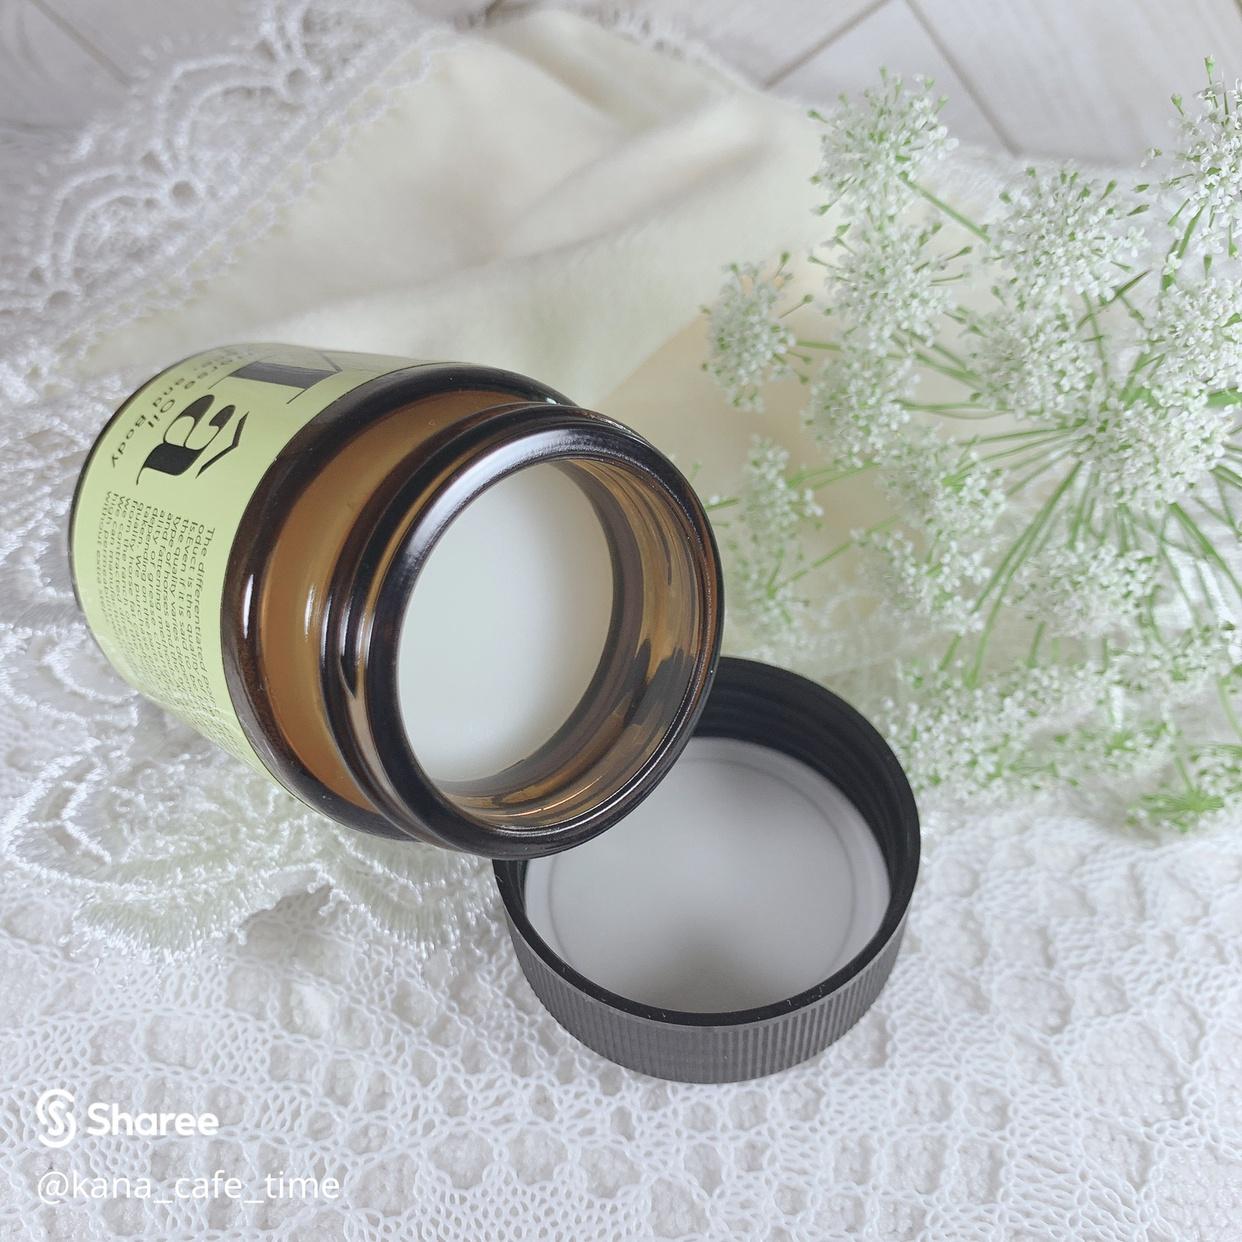 Ma(エムエー) 美容保湿クリームを使ったkana_cafe_timeさんのクチコミ画像2